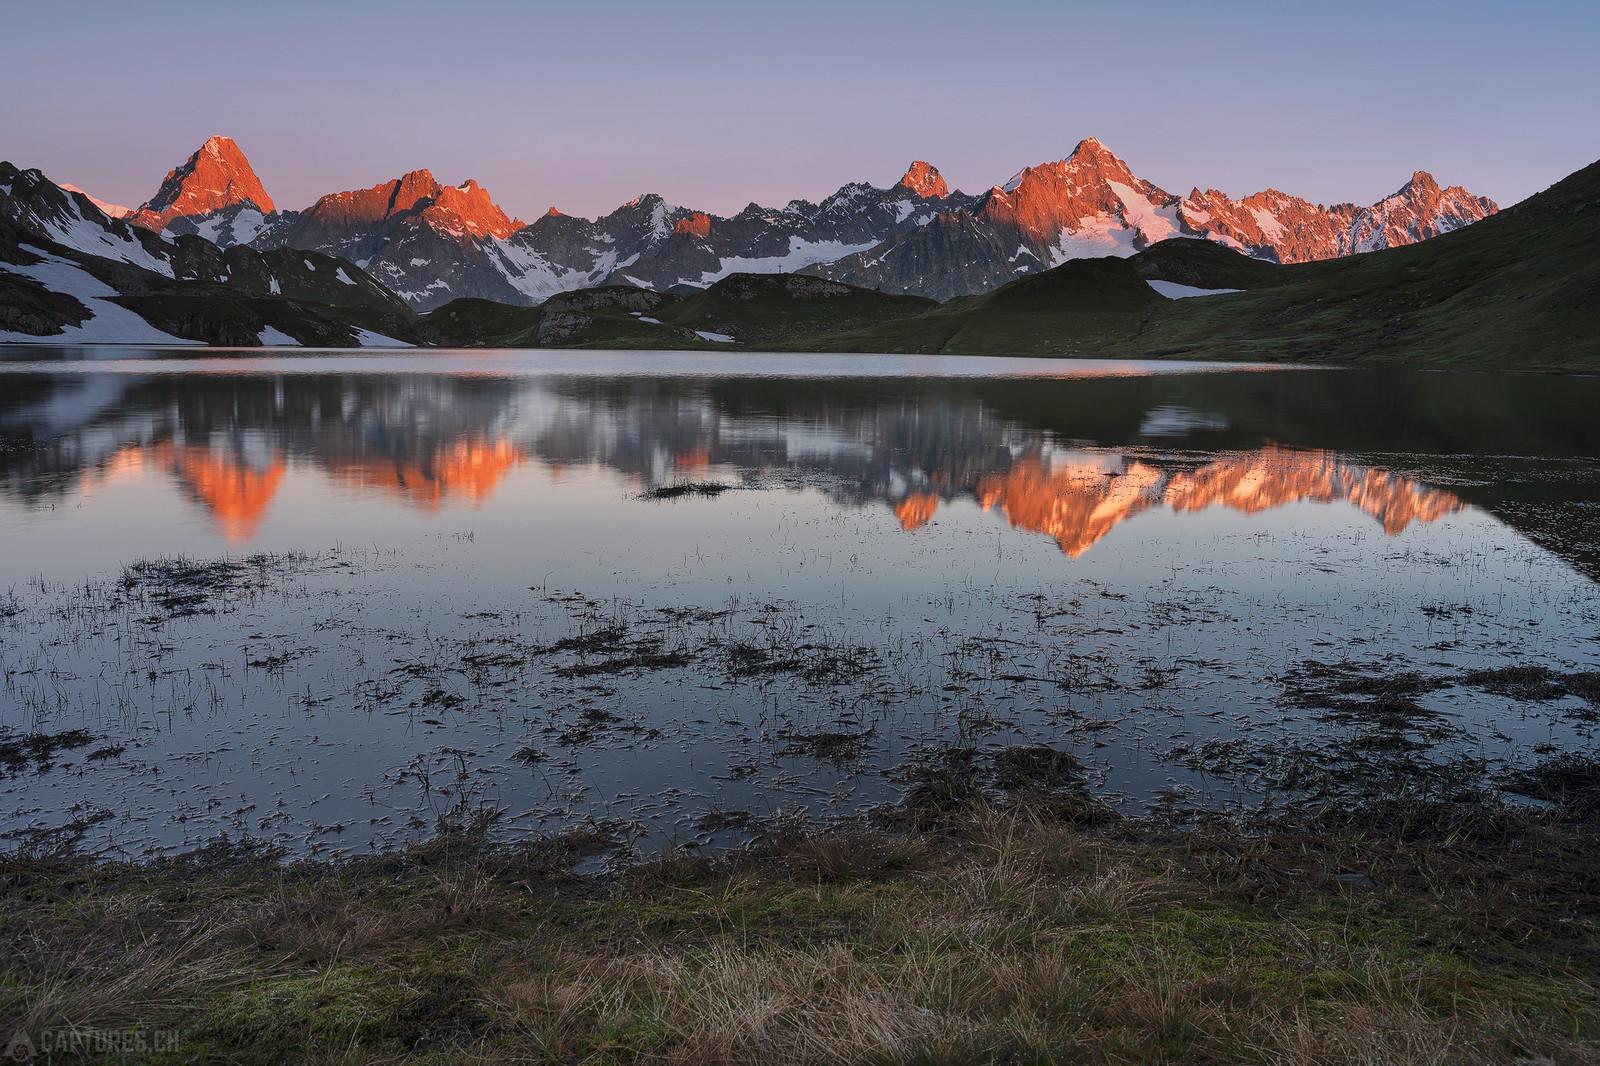 Sunrise - Lacs de Fenetre